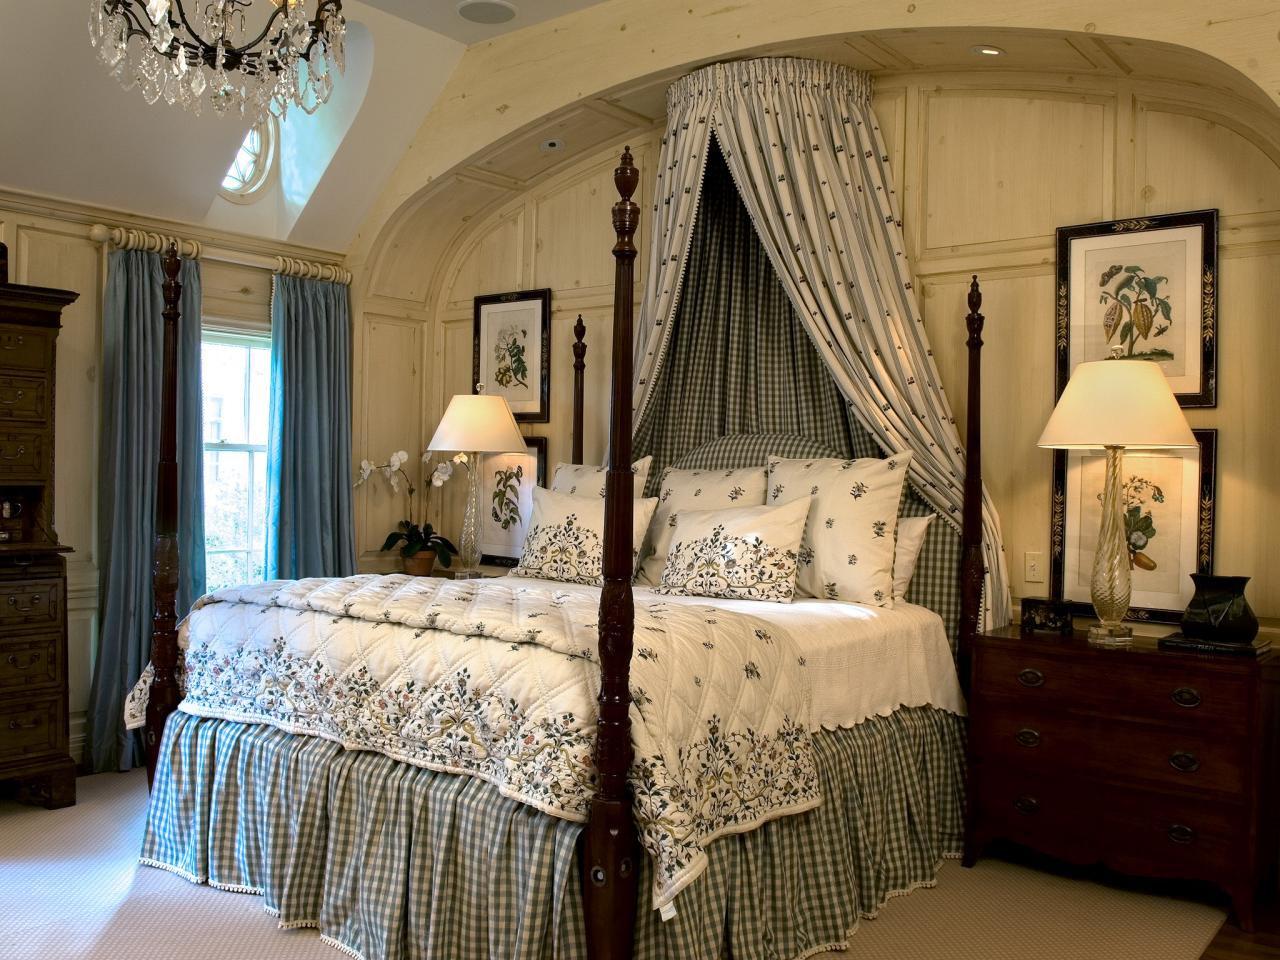 Превосходно впишется в интерьер постель на высоких перинах с обилием подушек и тканей с разным принтом